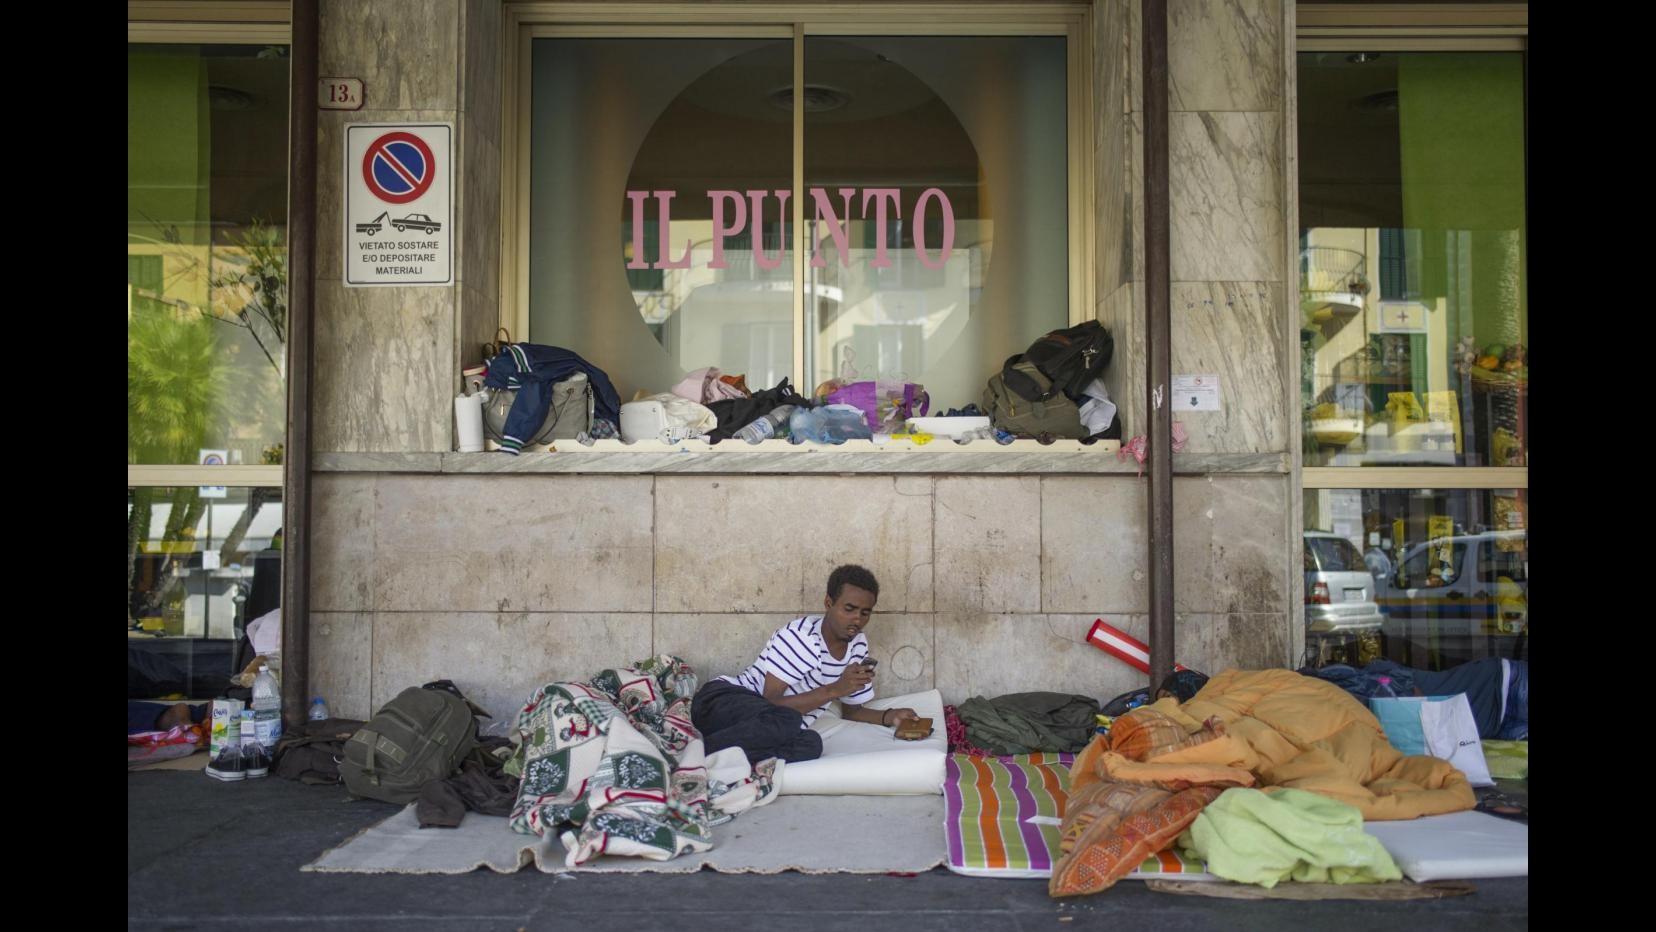 Immigrazione, in stazione Ventimiglia entro sera saranno pronti 120 posti letto